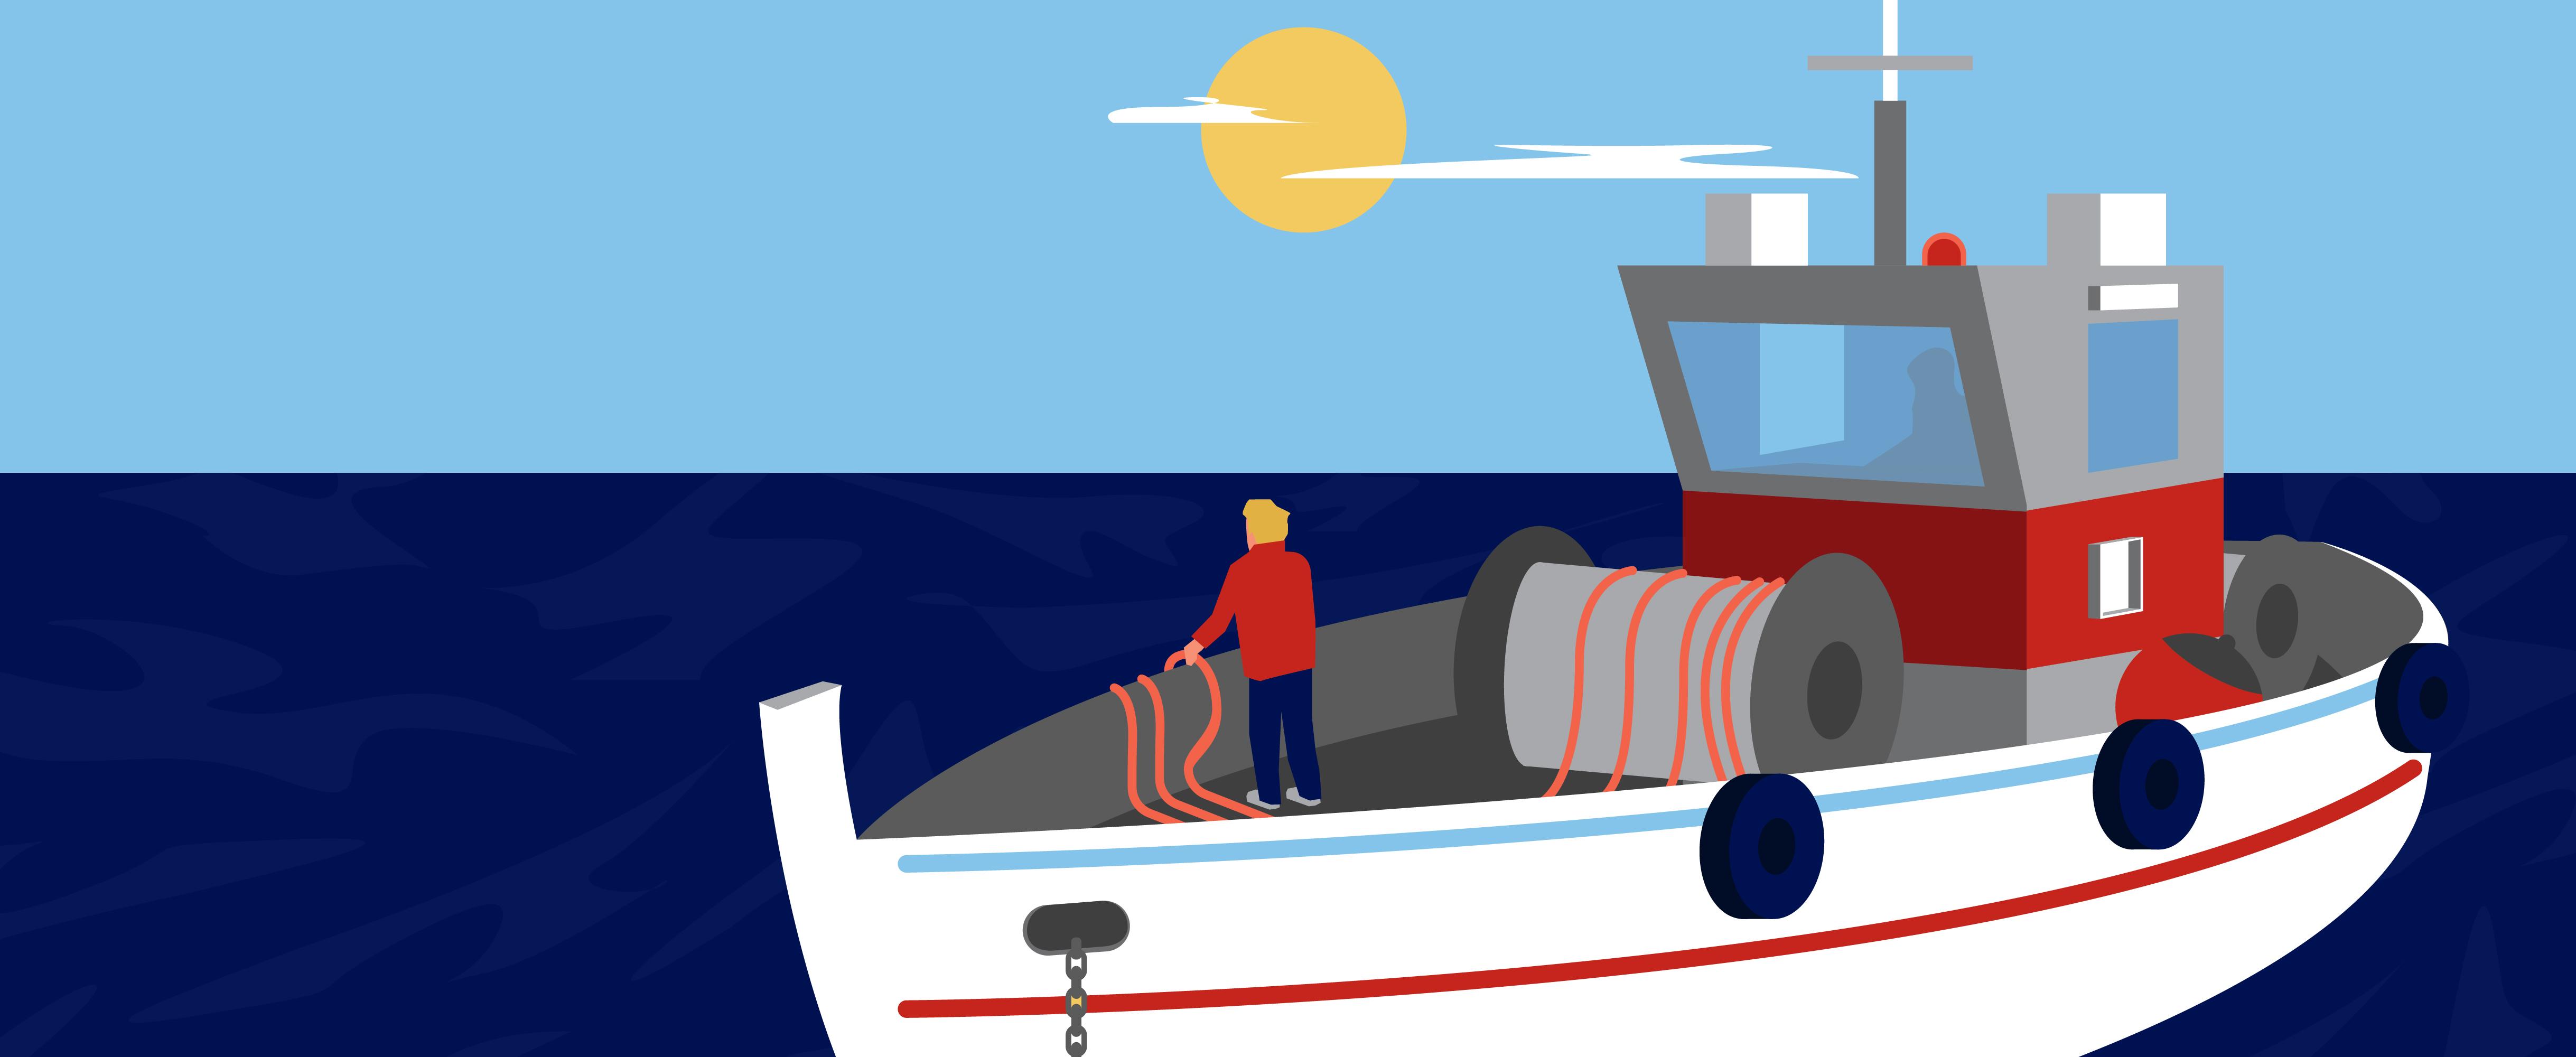 Prévenir les risques à bord de votre navire de pêche 7eab7b5443c2